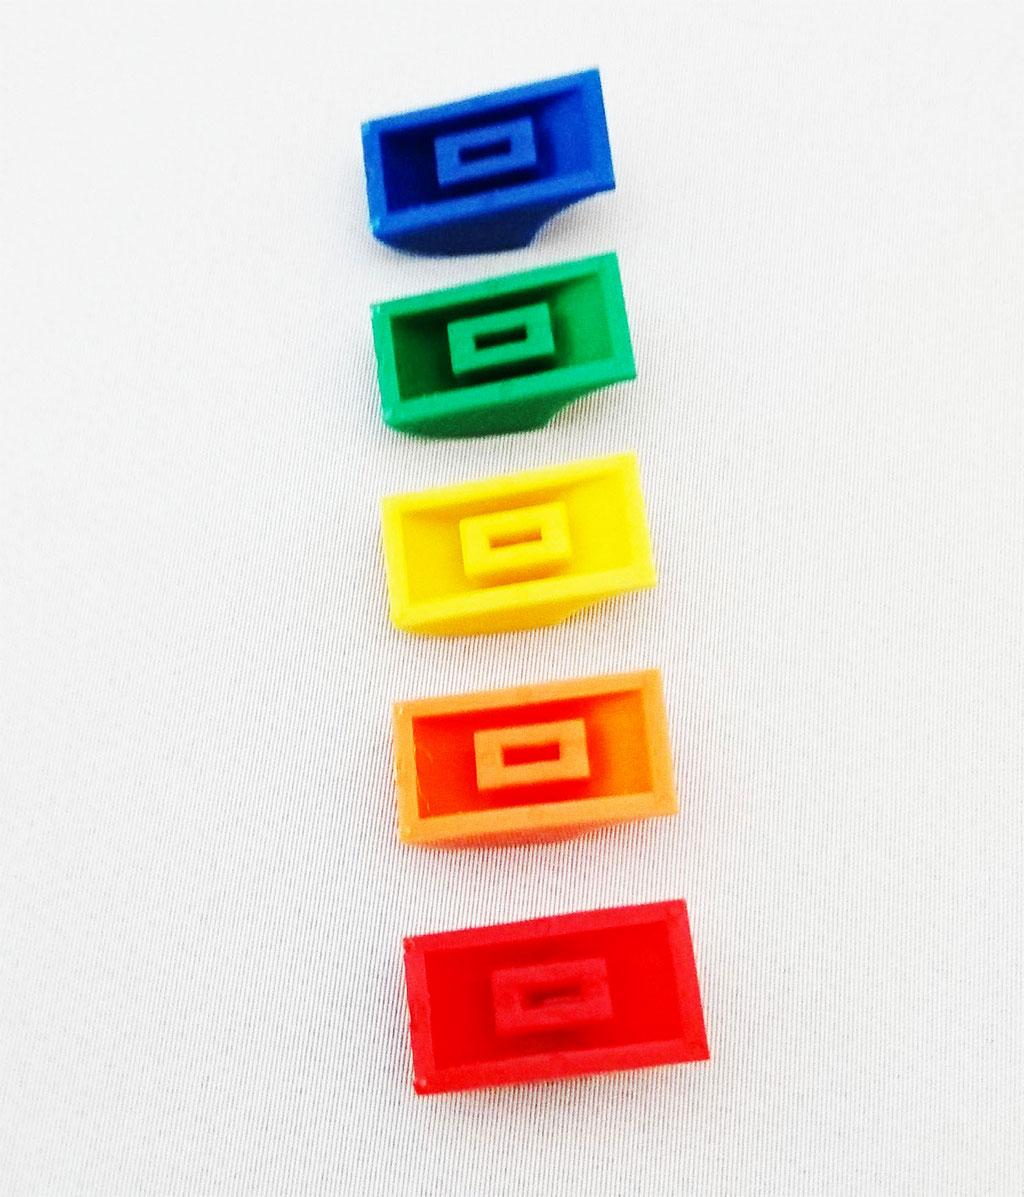 SP-5-5Way-Switch-Knob-Set